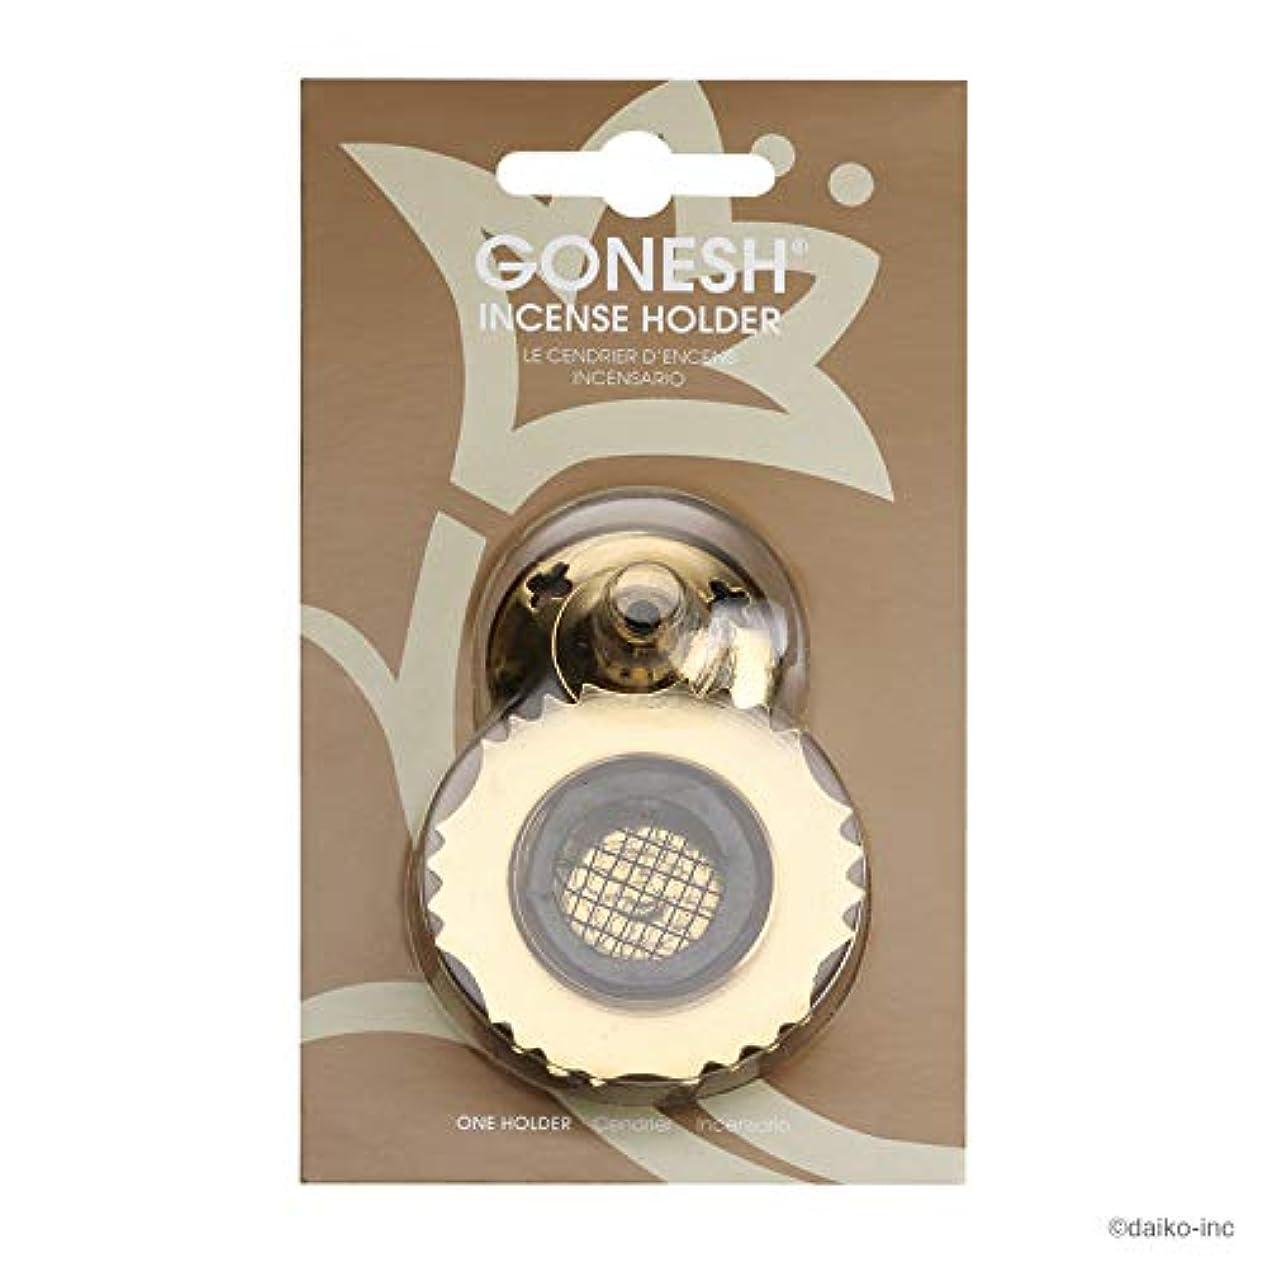 赤アラート間接的ガーネッシュ(GONESH) インセンスホルダー メッシュブラス (お香立て)